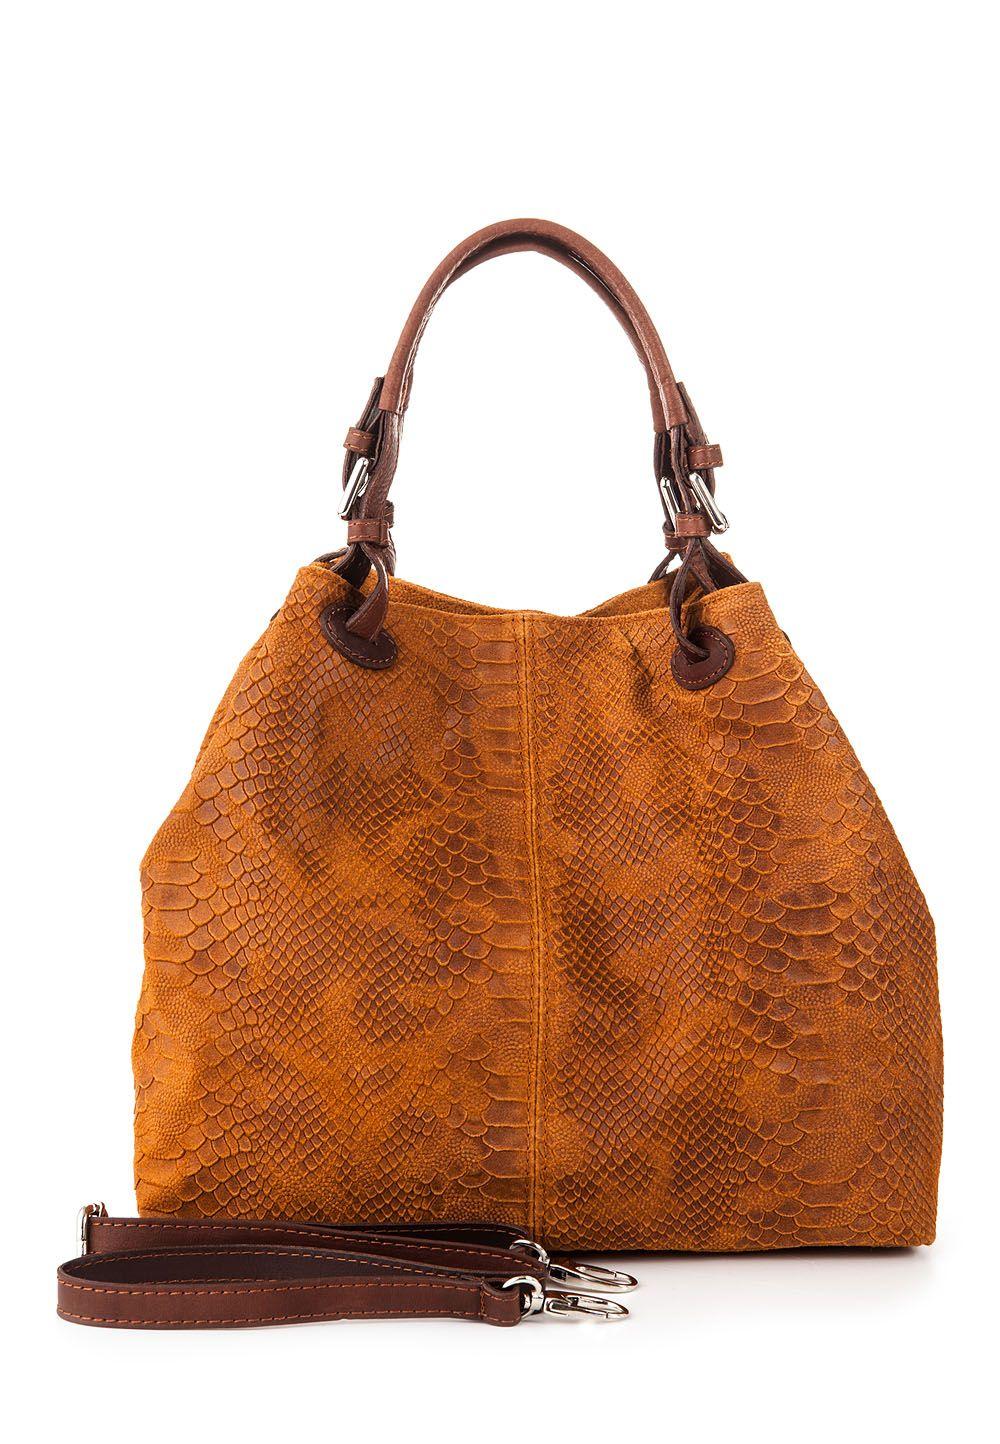 Brands4friends De torrente bags hochwertige damen taschen aus brands4friends